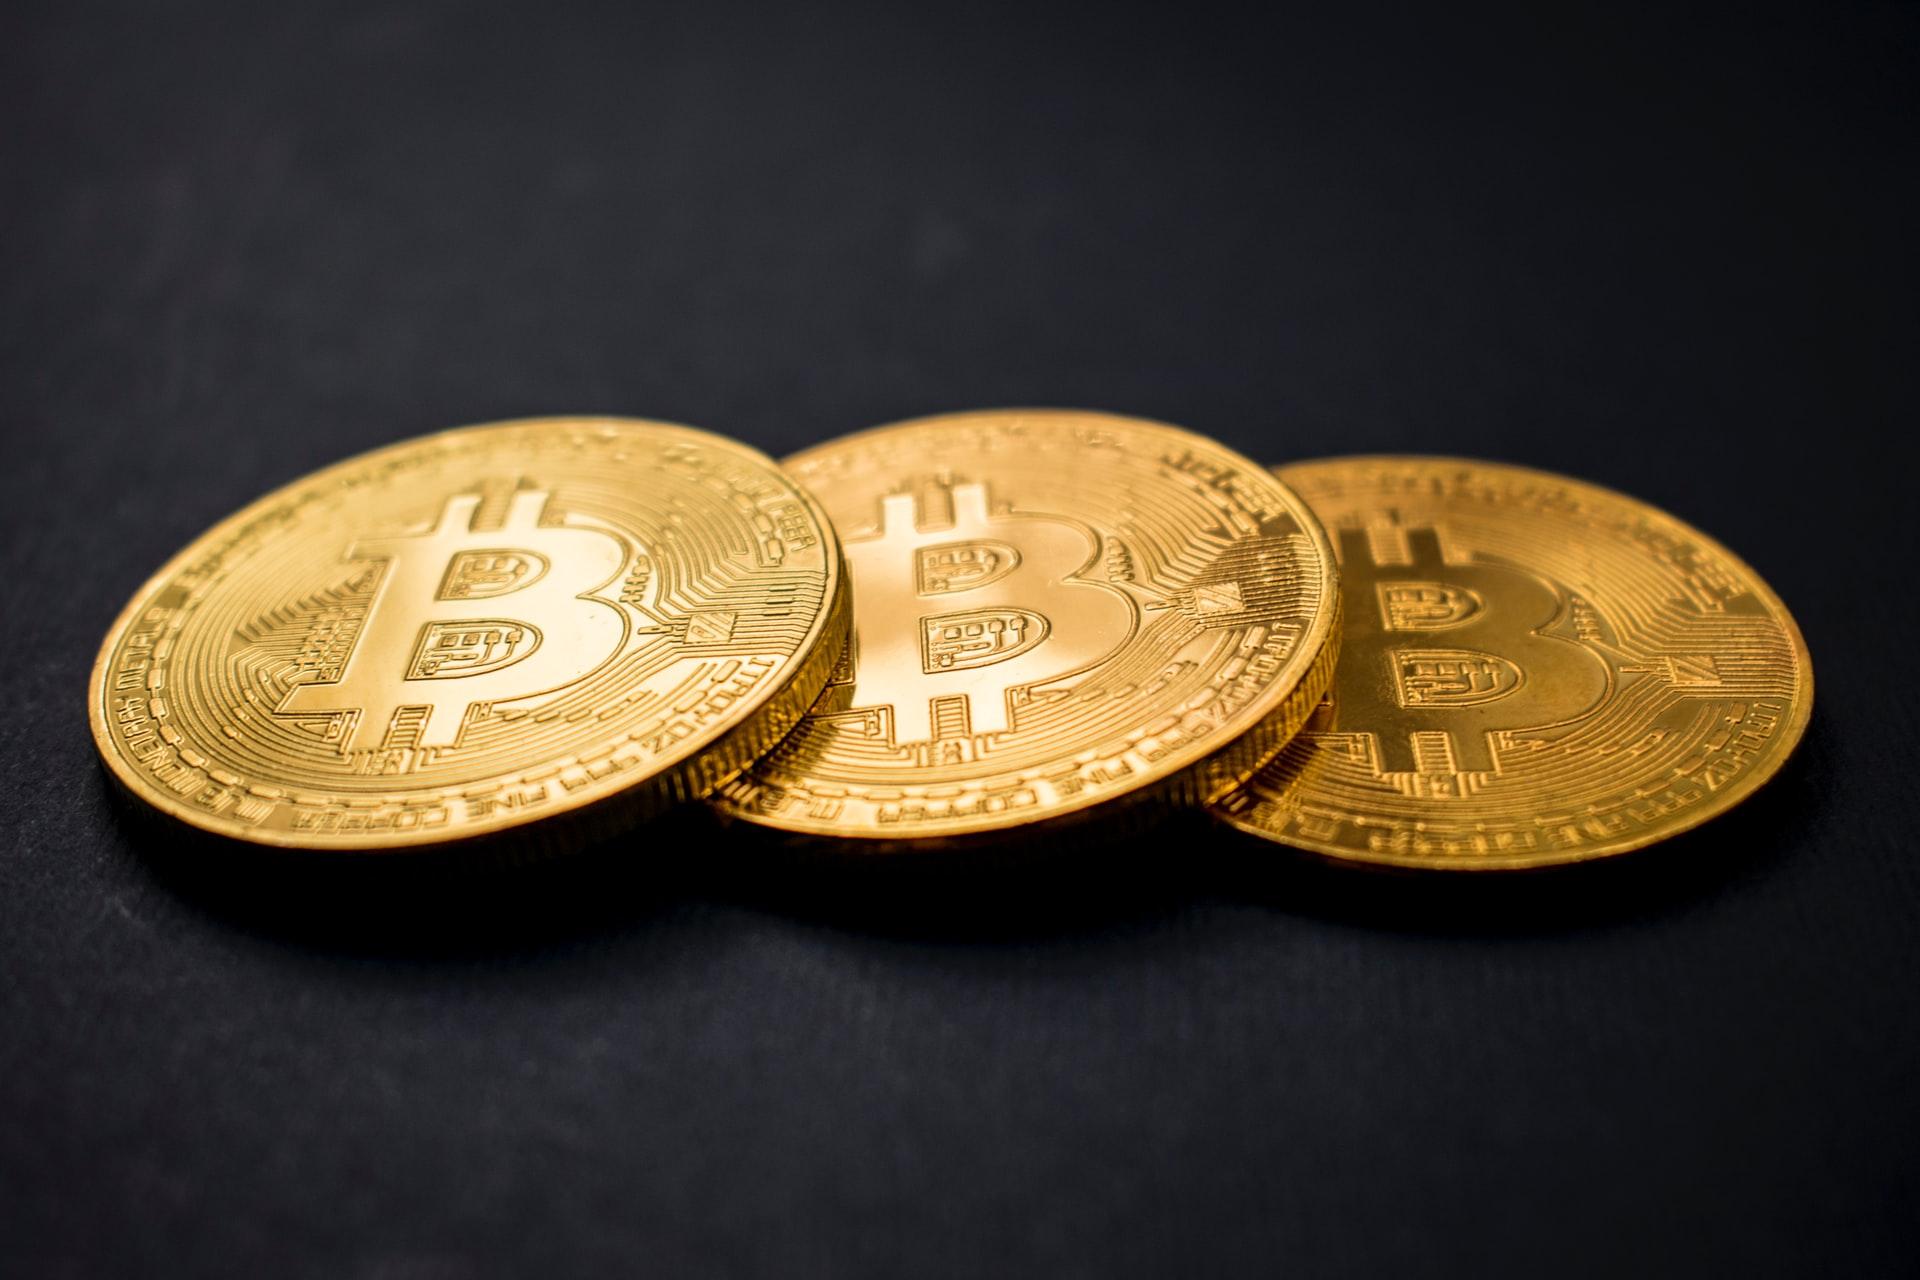 Die Abbildung von Bitcoins